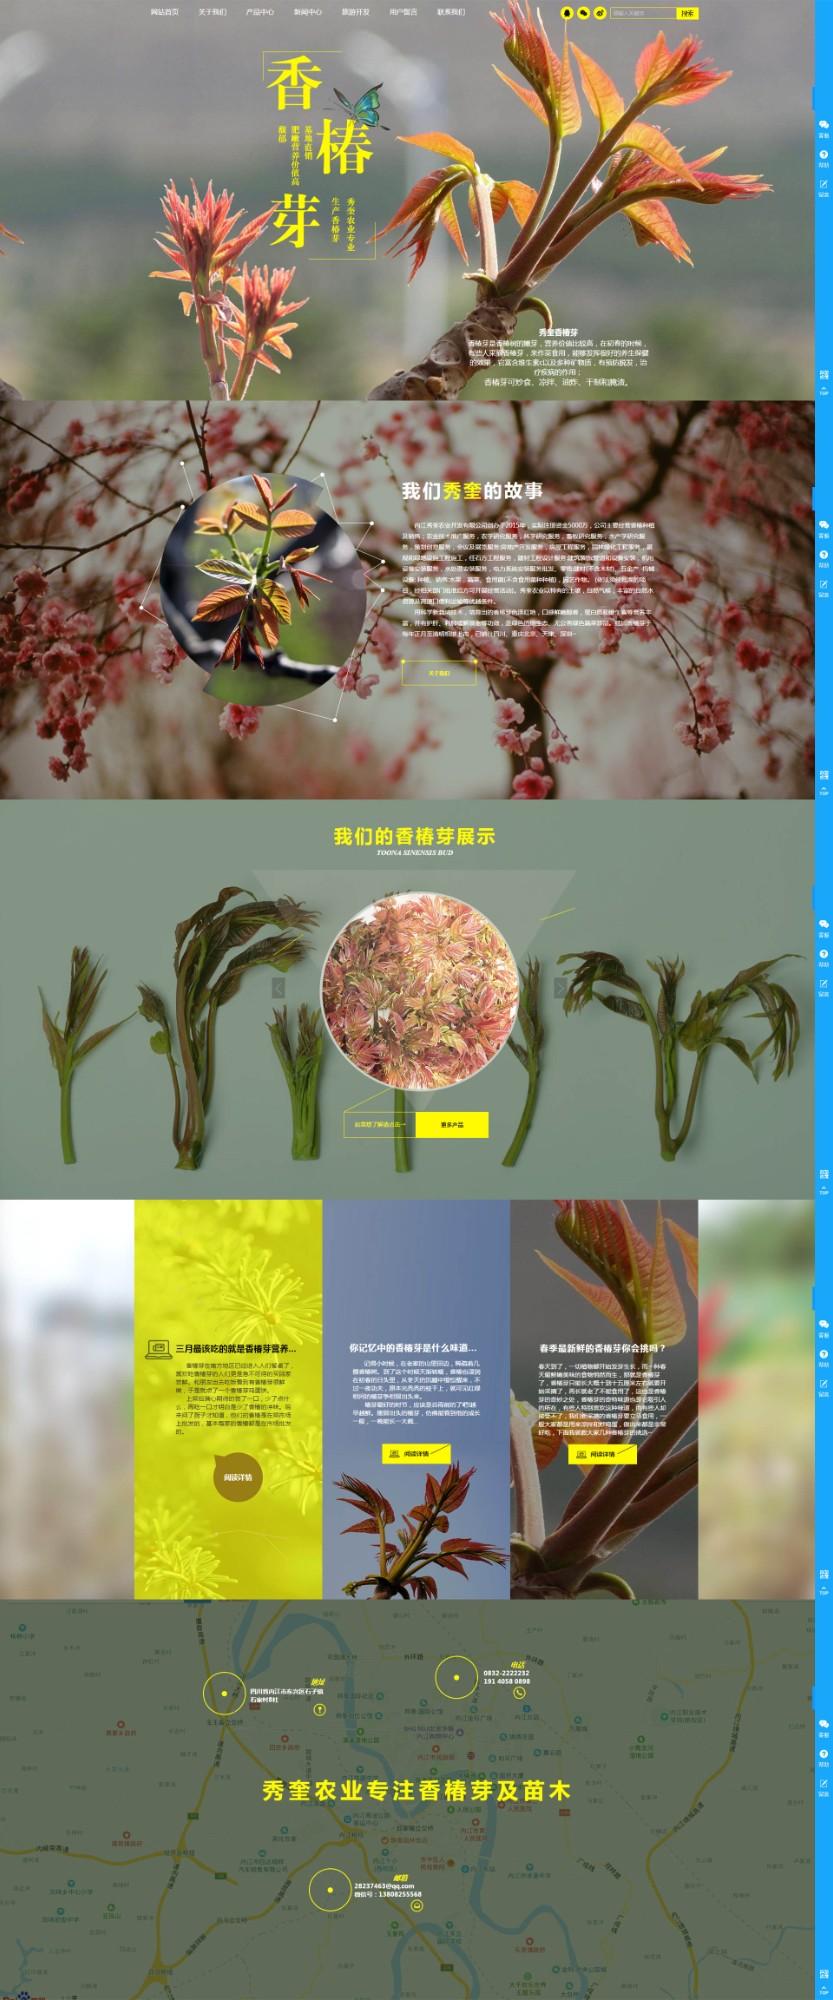 内江秀奎农业开发网站建设